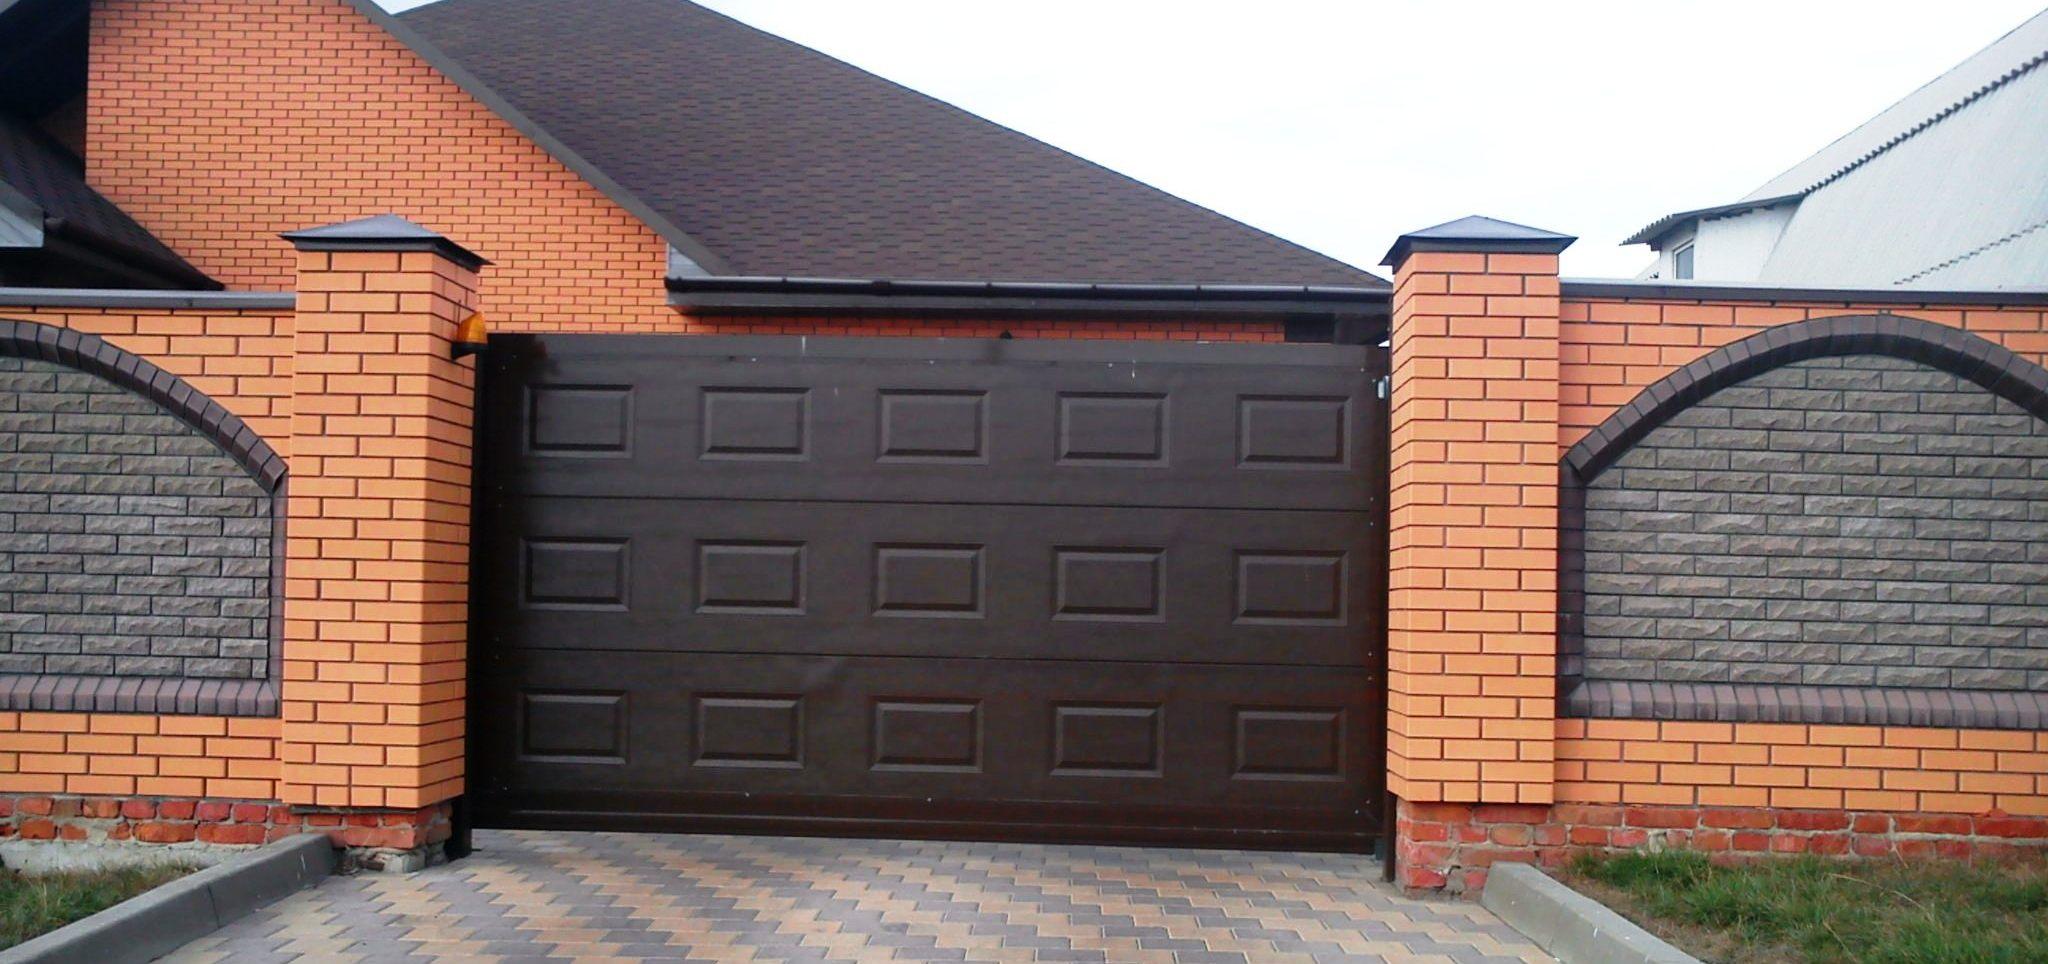 Сдвижные (откатные) ворота чёрного цвета Хорманн, размер 4010х2000 см